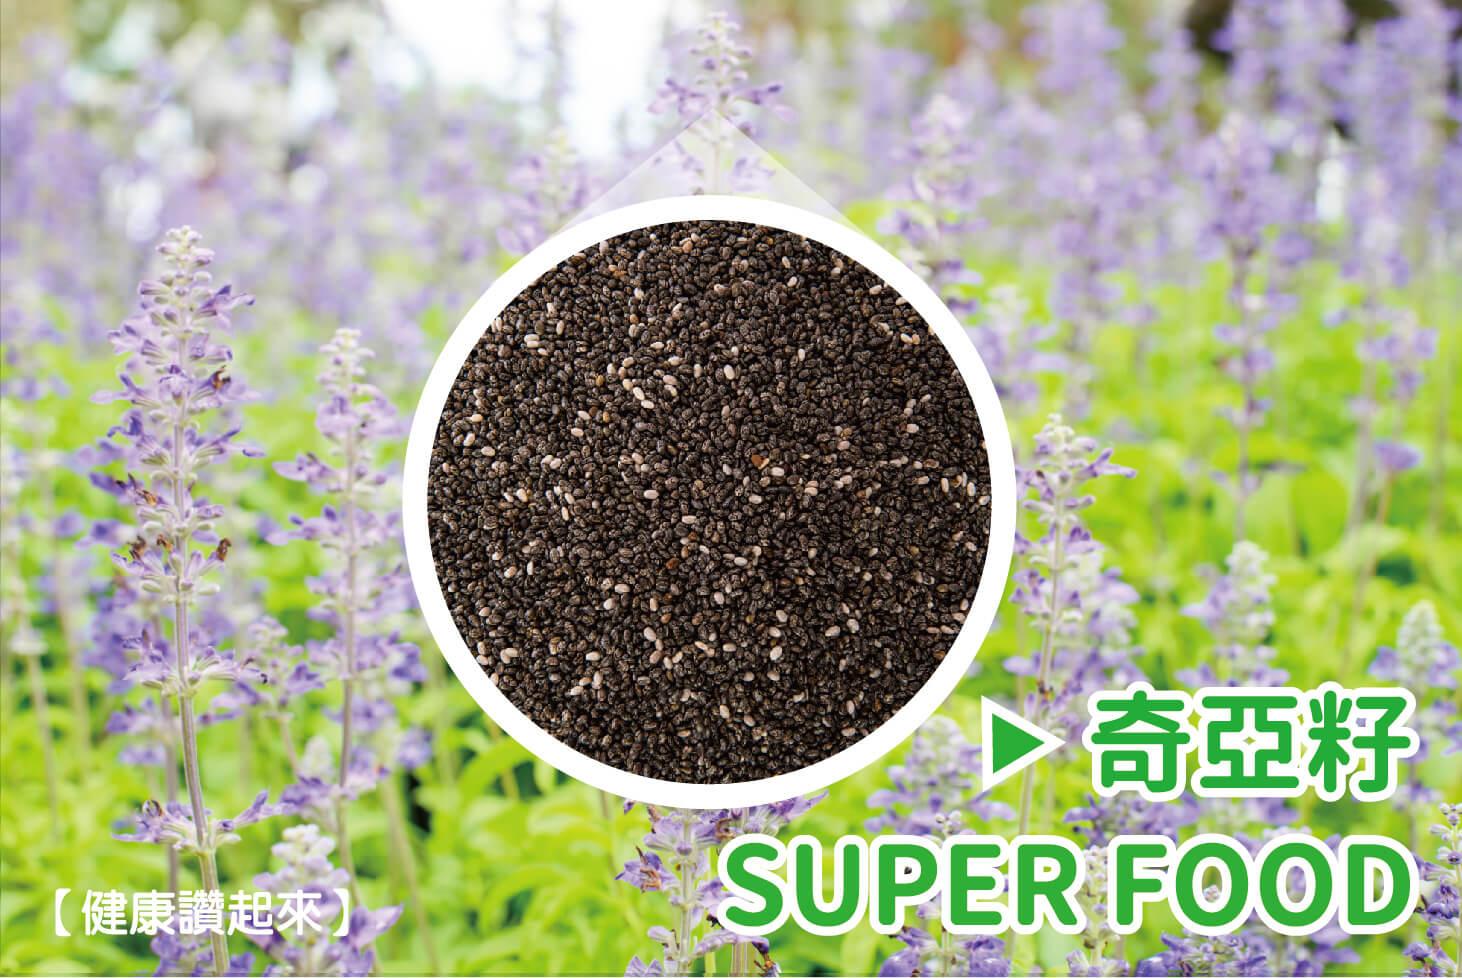 奇亞籽Chia Seeds~21世紀超級食物Super Food